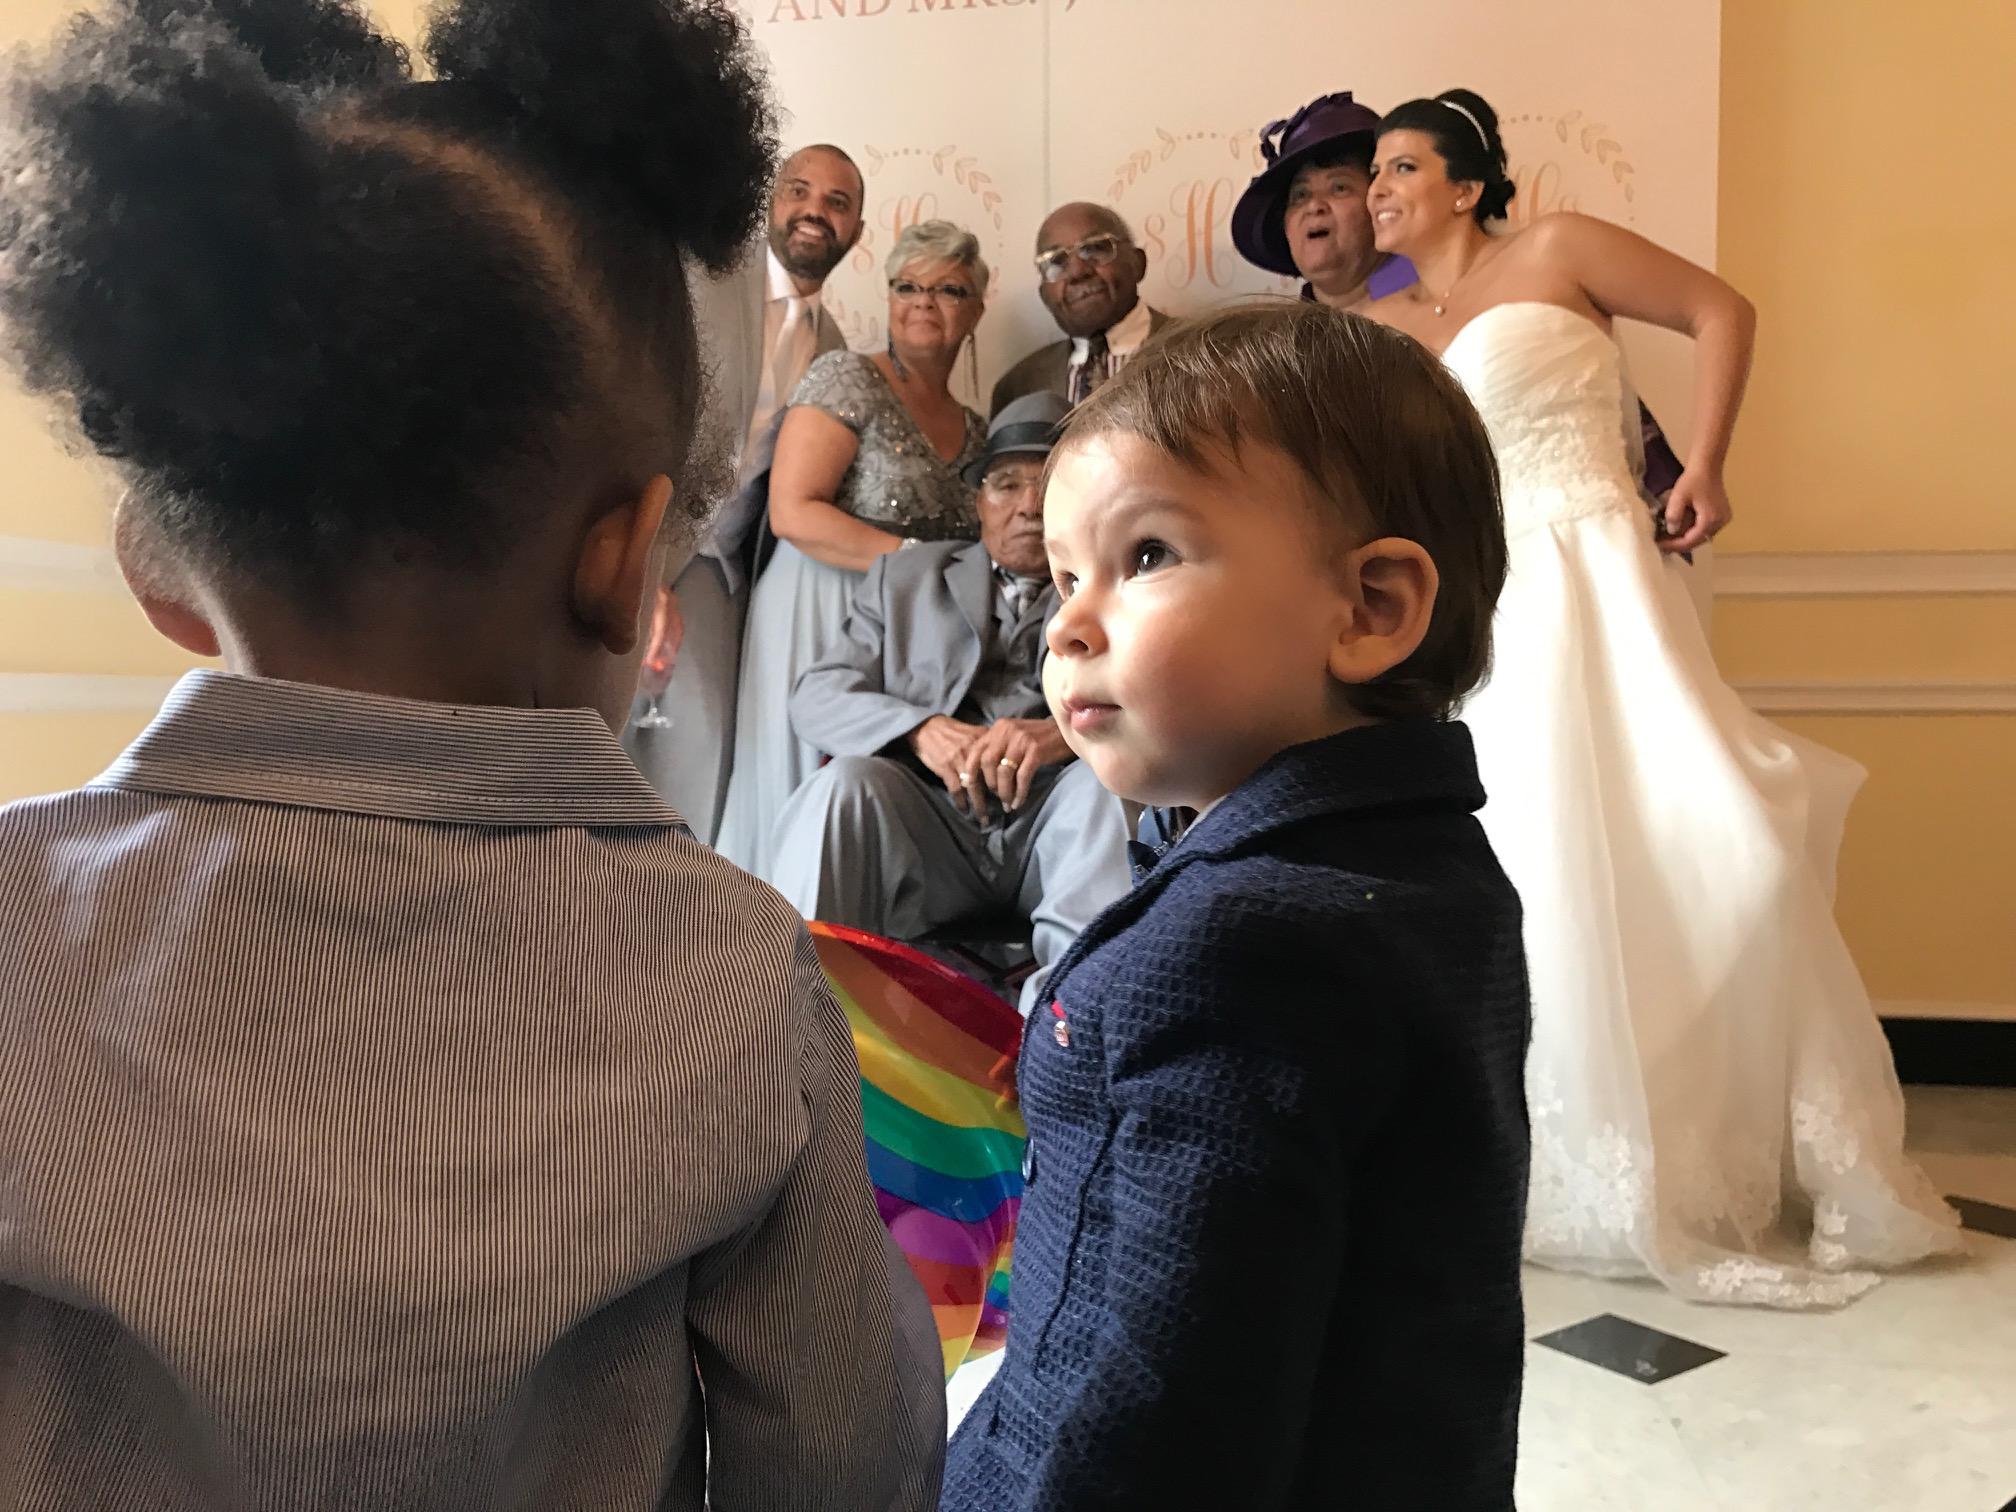 Mutlu evlilik nasıl olur ile Etiketlenen Konular